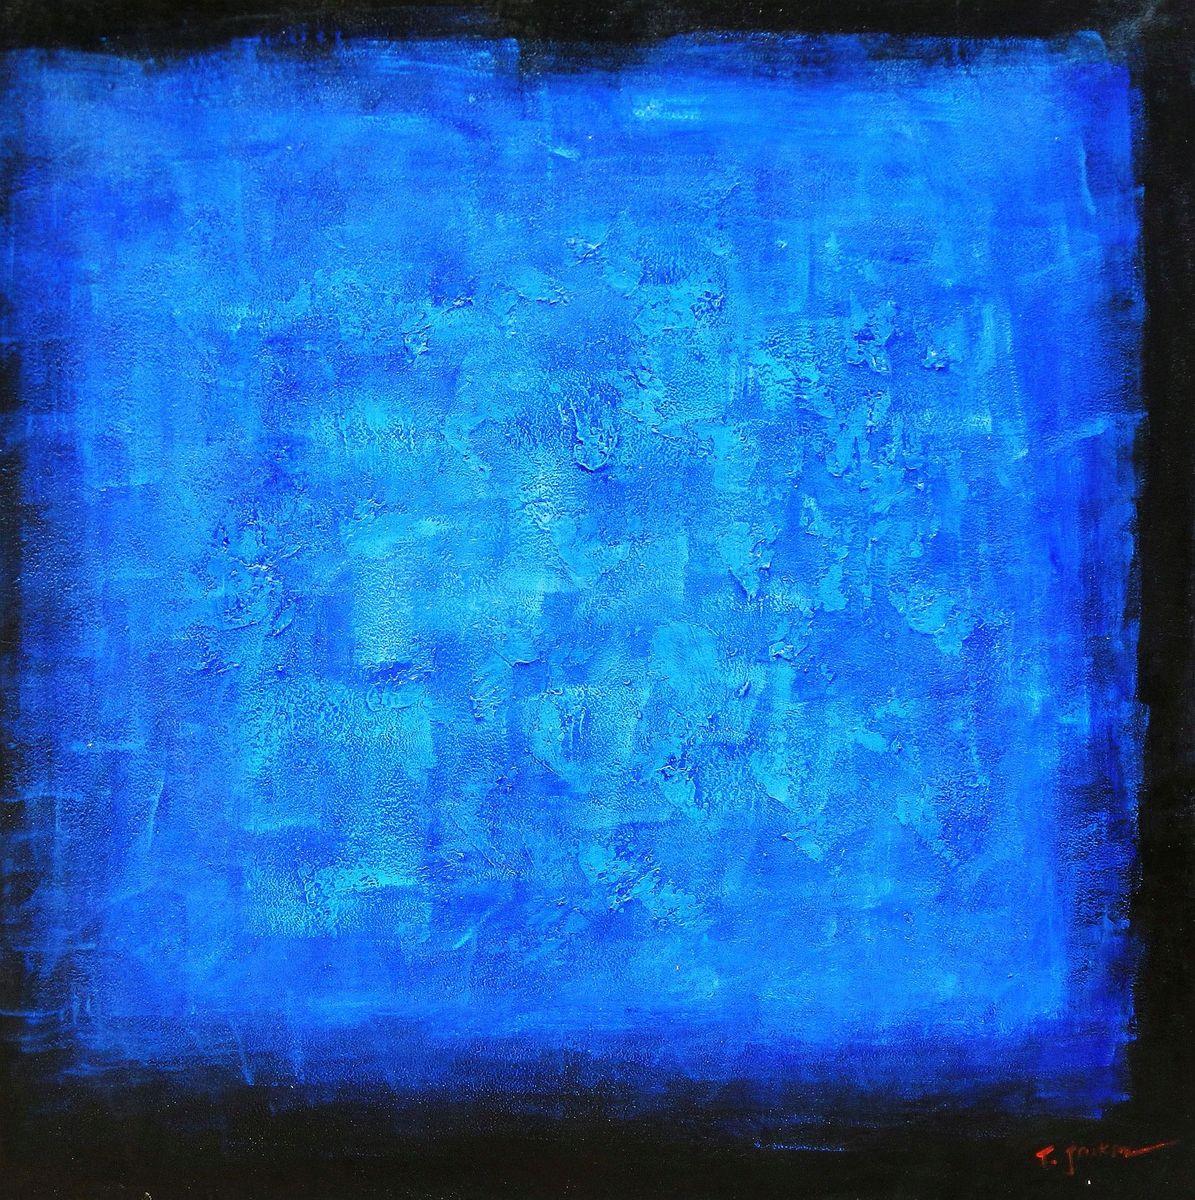 Abstrakt - Black Saphir m96927 120x120cm abstraktes Ölgemälde handgemalt